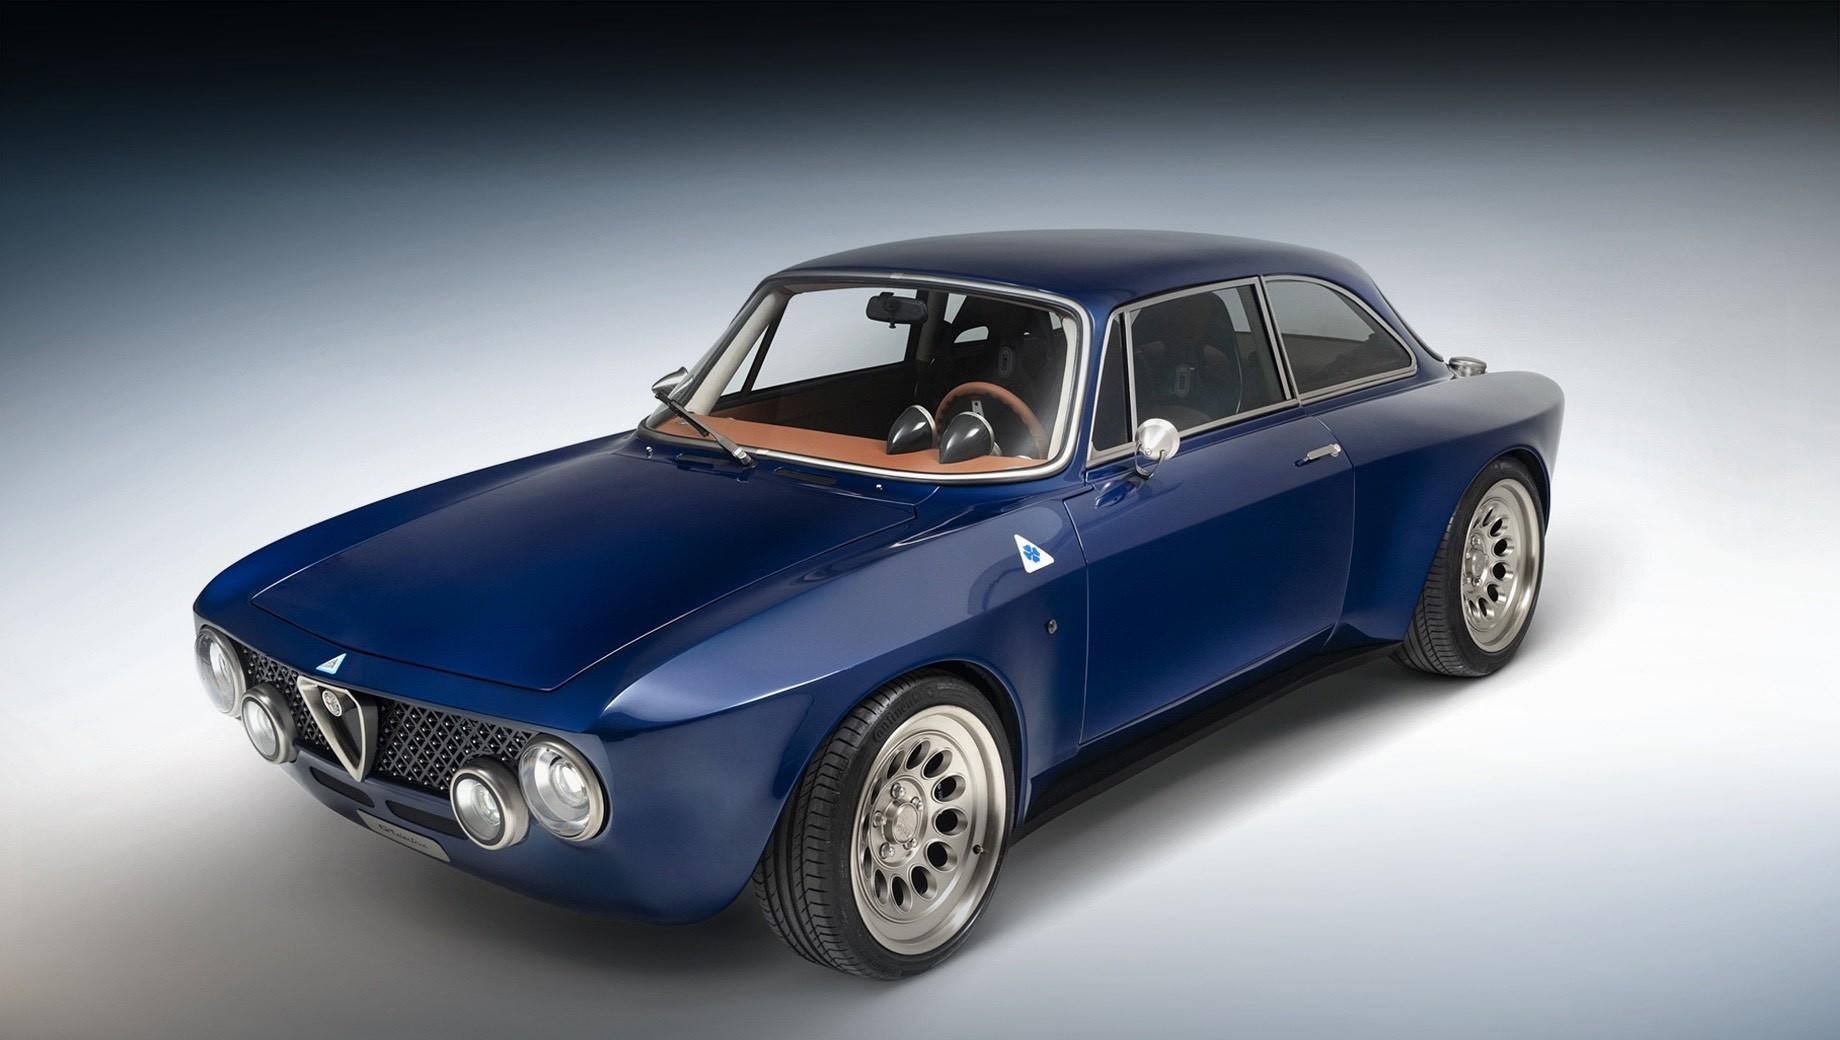 Alfaromeo gta. За счёт крыльев новой формы и перекроенных задних стоек рестомод оказался заметно шире и ниже оригинального купе Alfa Romeo GT Junior 1300/1600 начала 70-х — 1760 (+180) и 1240 (+130) мм соответственно. Длина сохранилась на уровне 4080 мм. Колёсная база — 2401 мм.